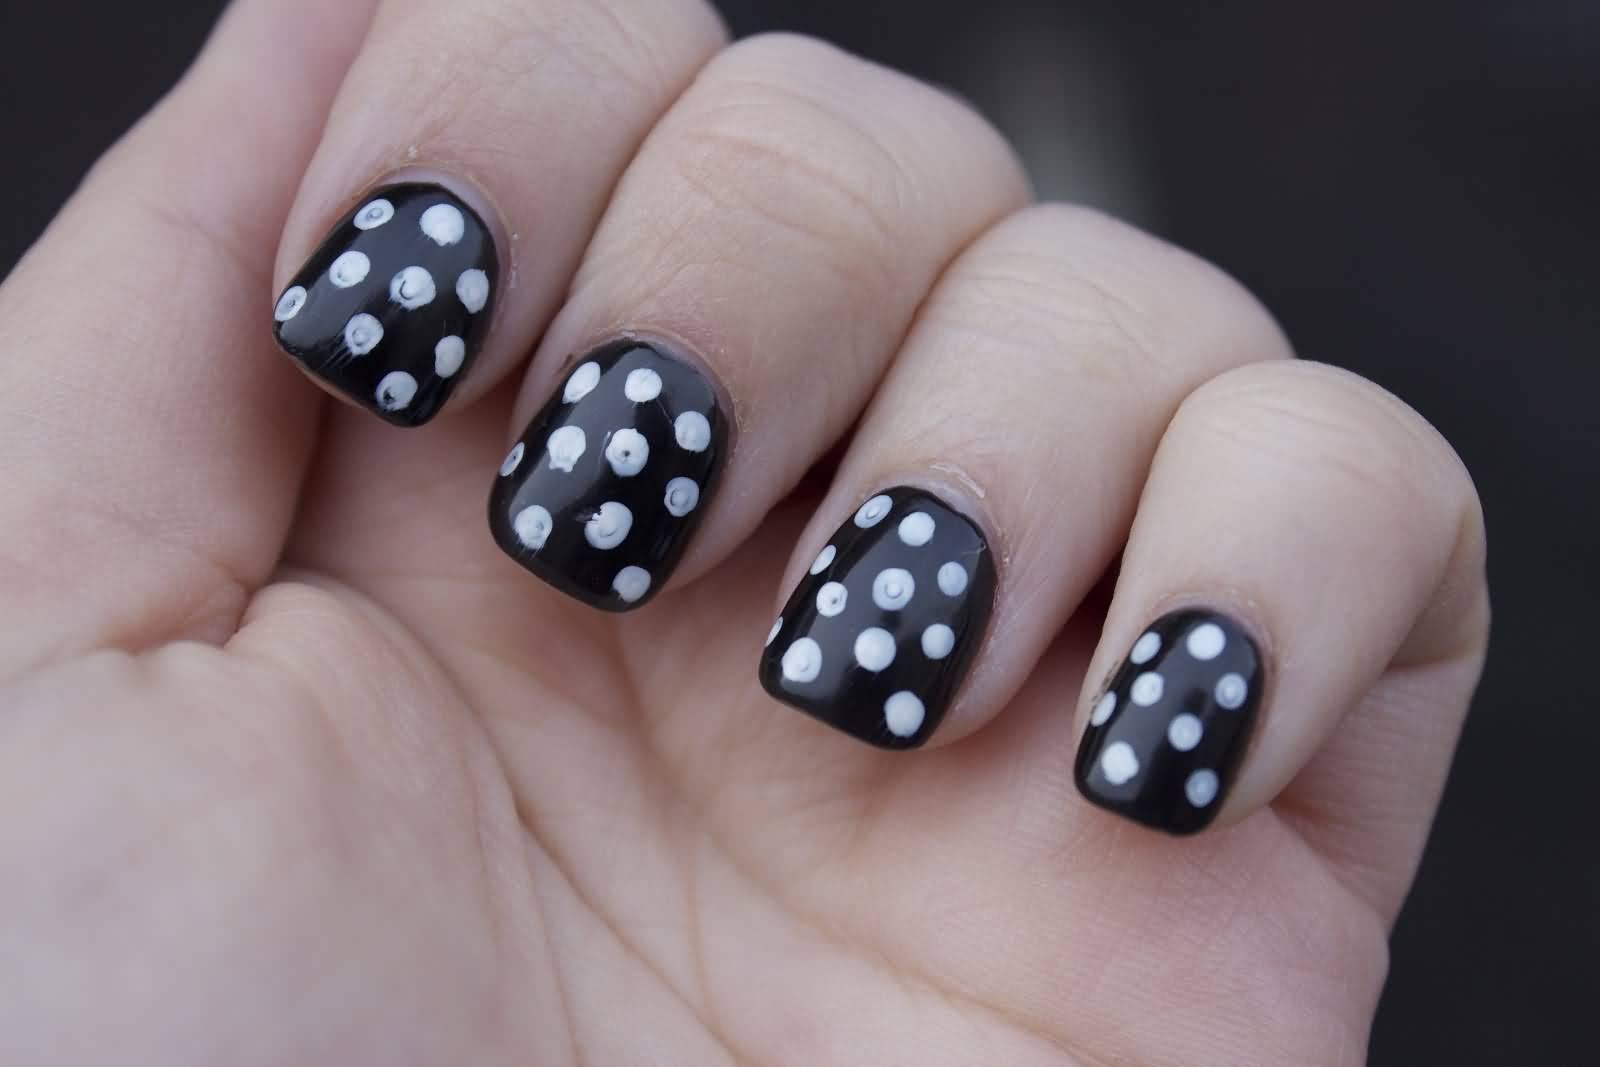 Black And White Glossy Polka Dots Nail Art